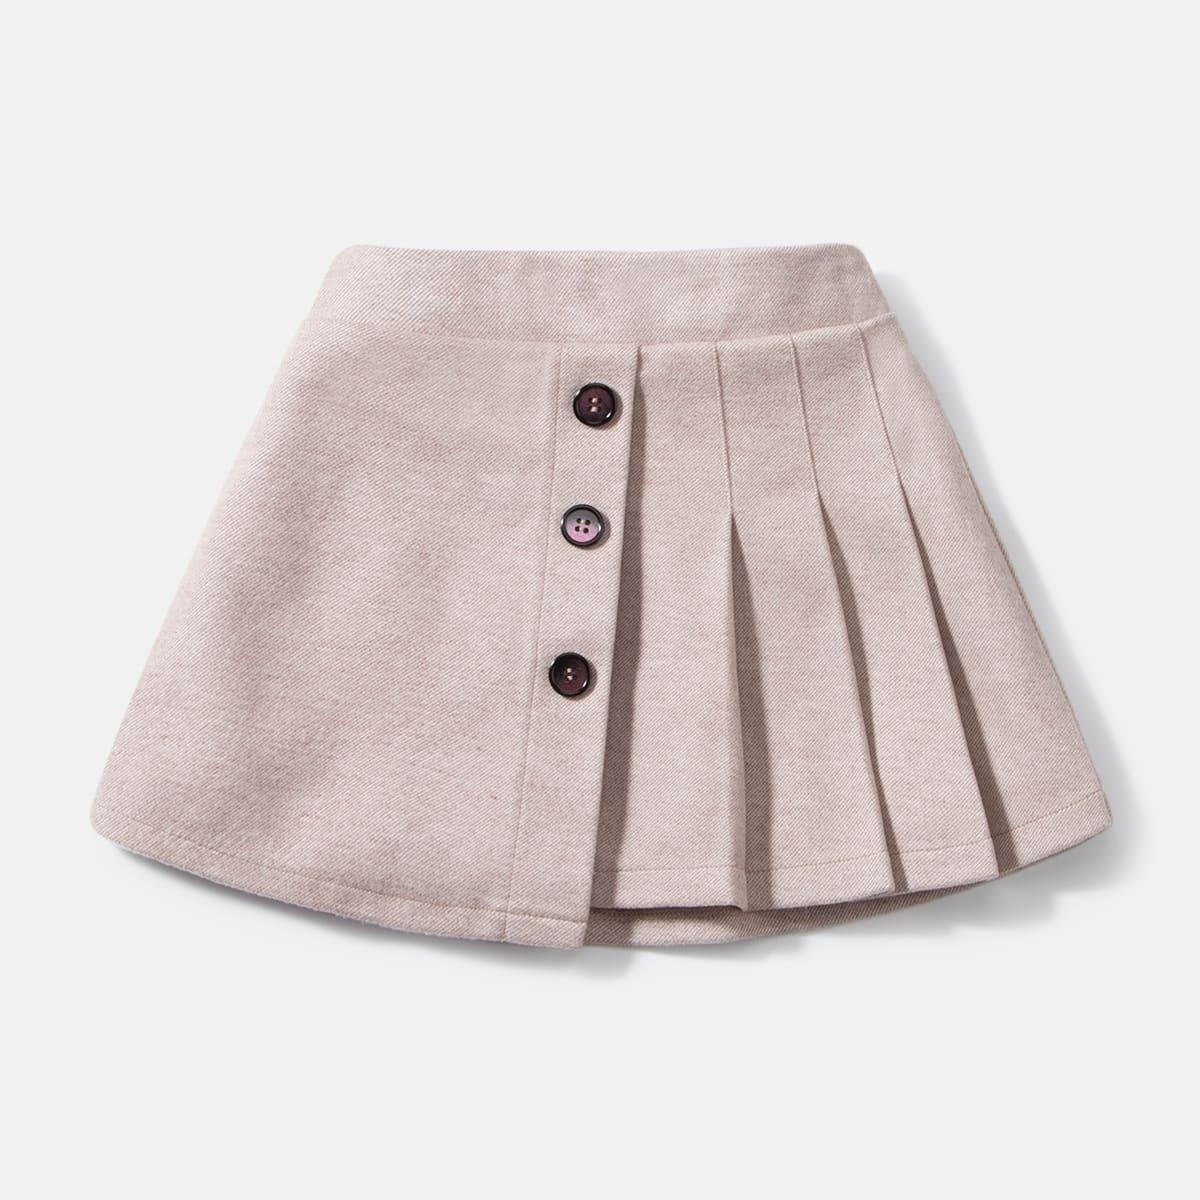 Плиссированная юбка с пуговицами для девочек